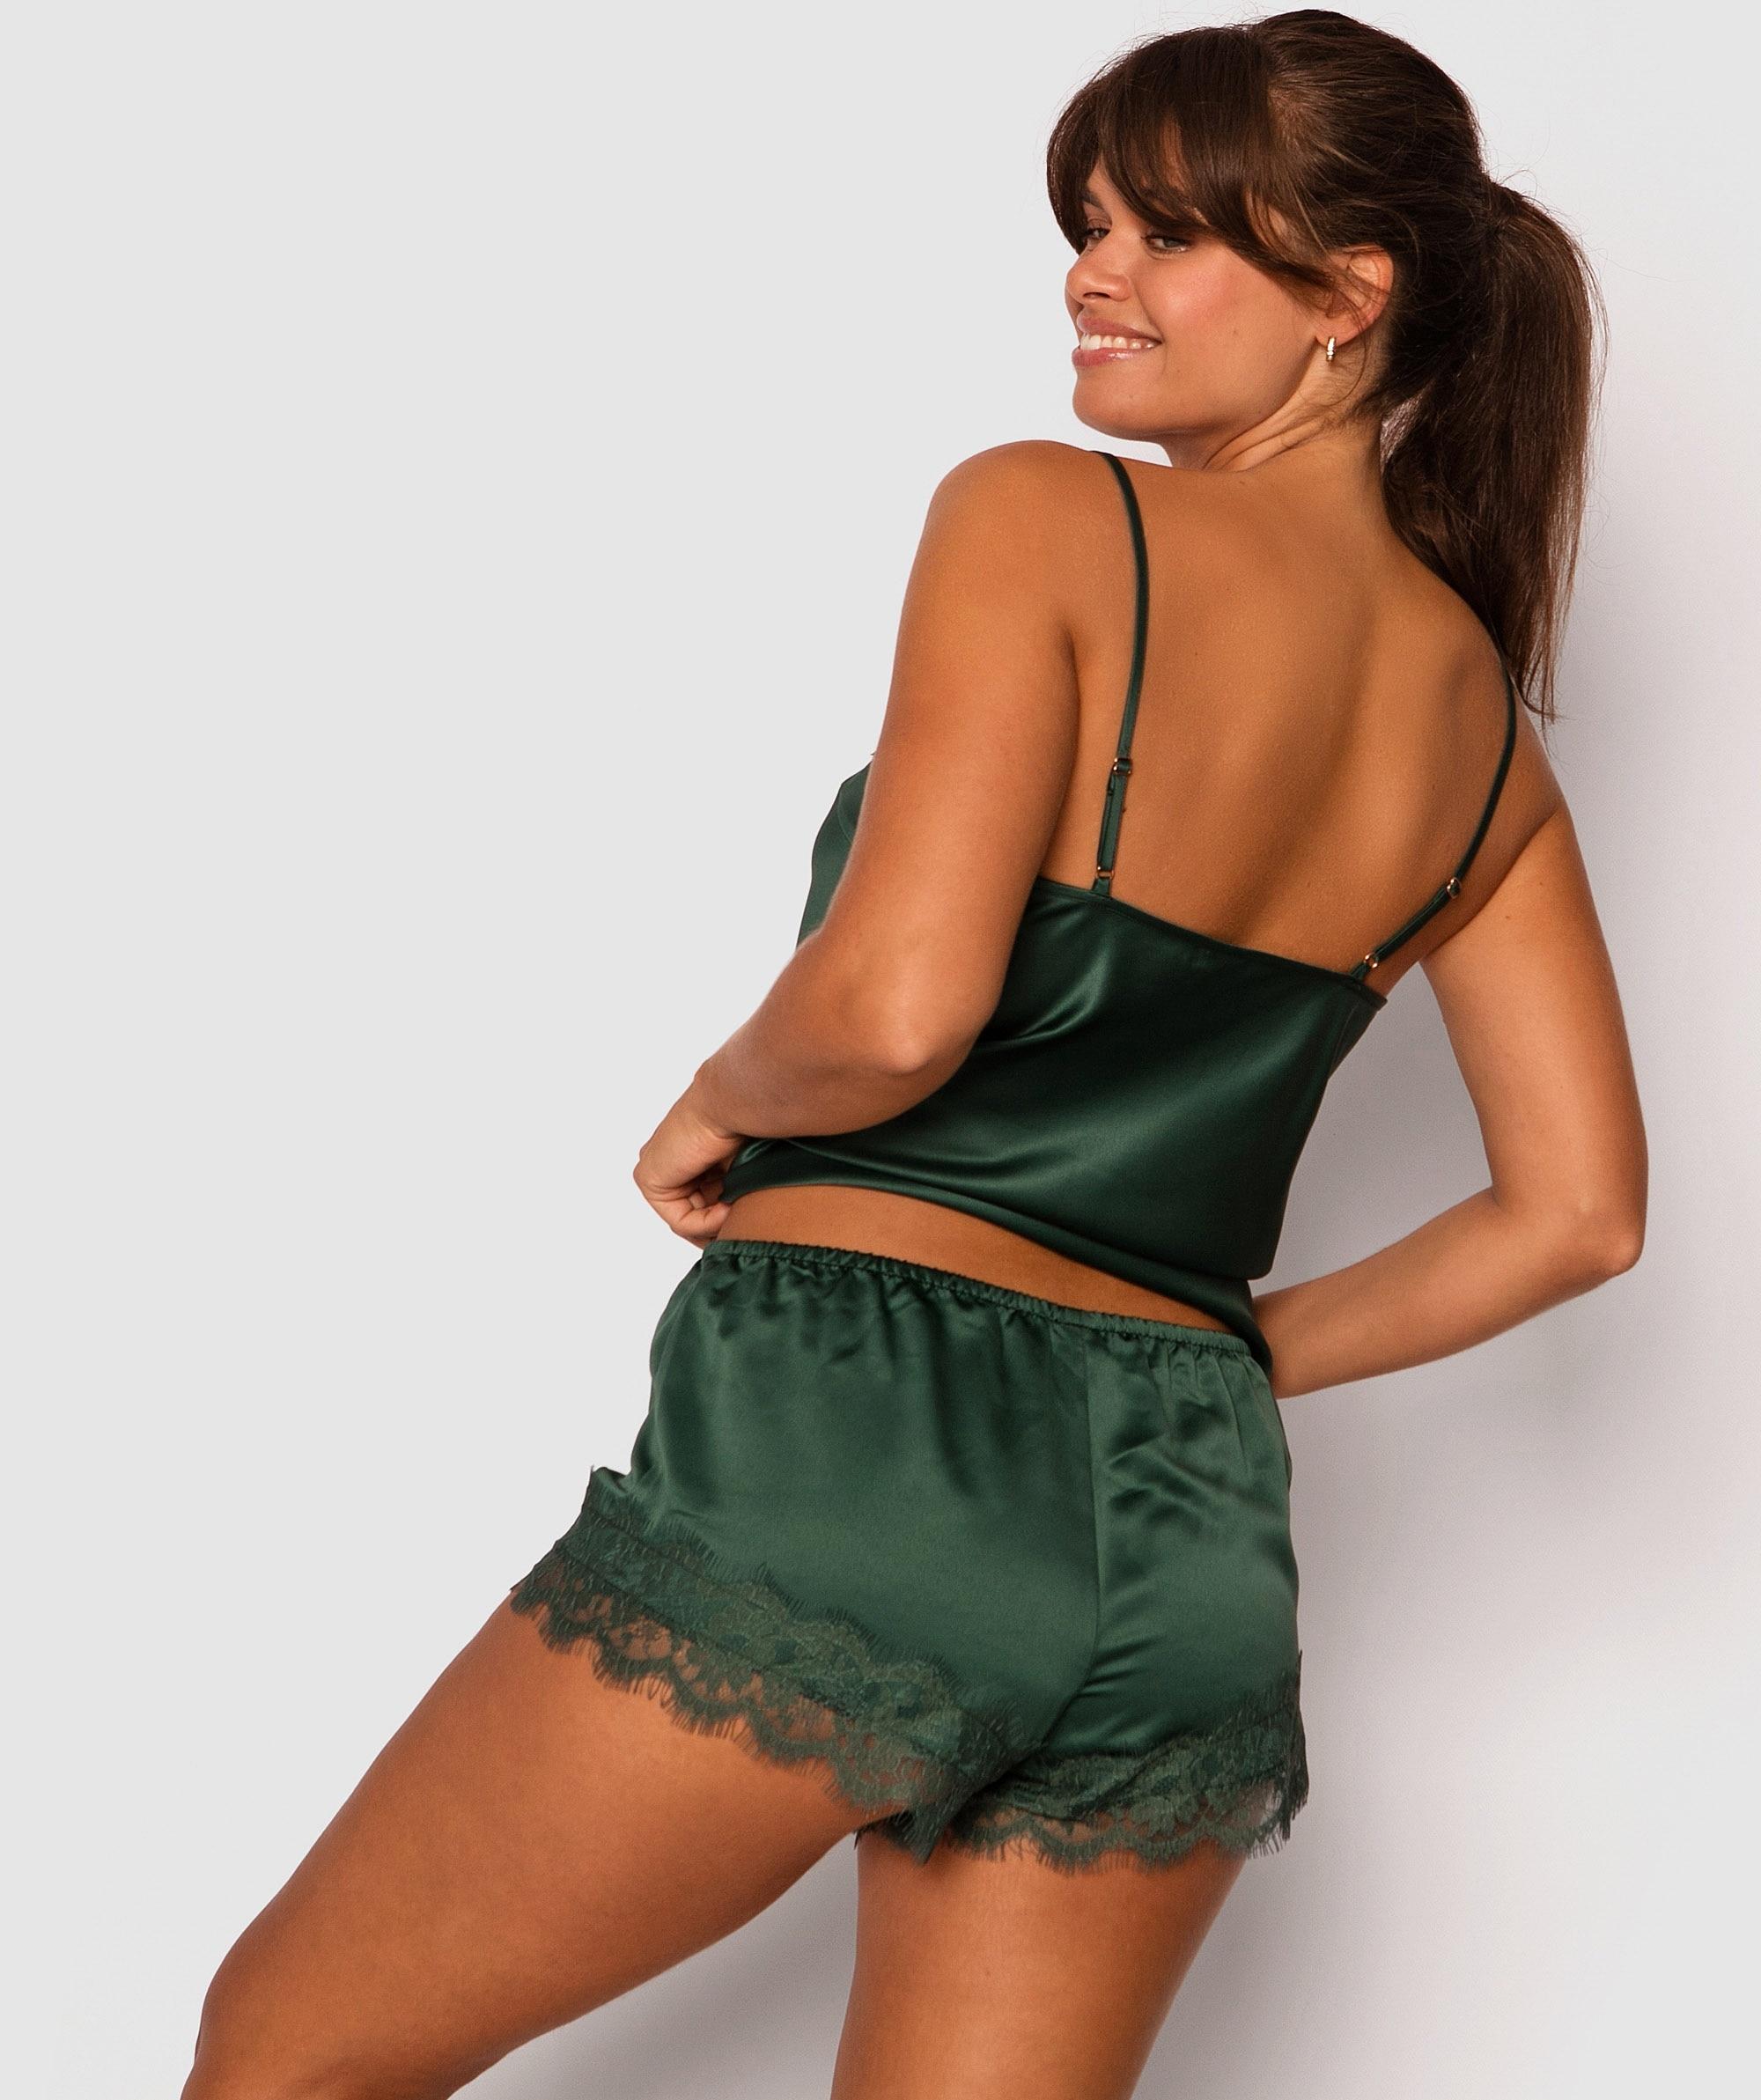 Tropic Glow Shorts - Green